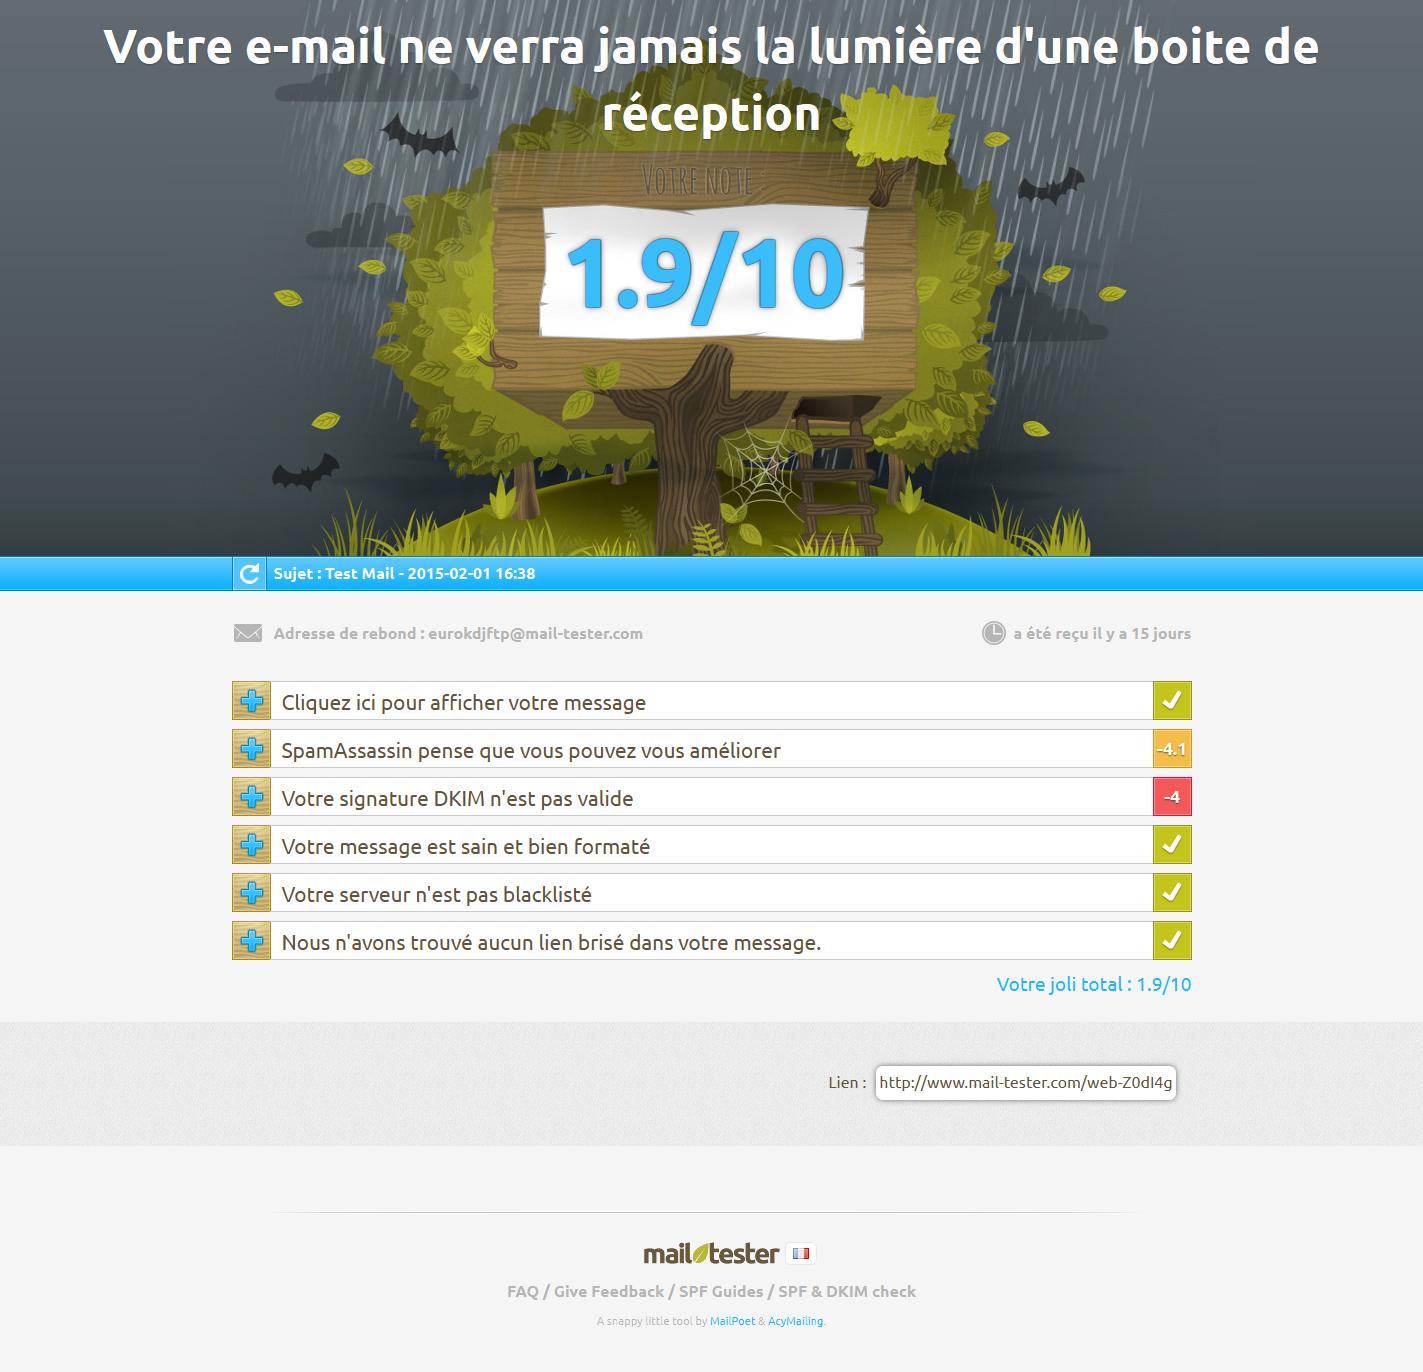 Résultat_du_Test_de_Spam_by_mail-tester.com_-_2015-02-16_23.33.47